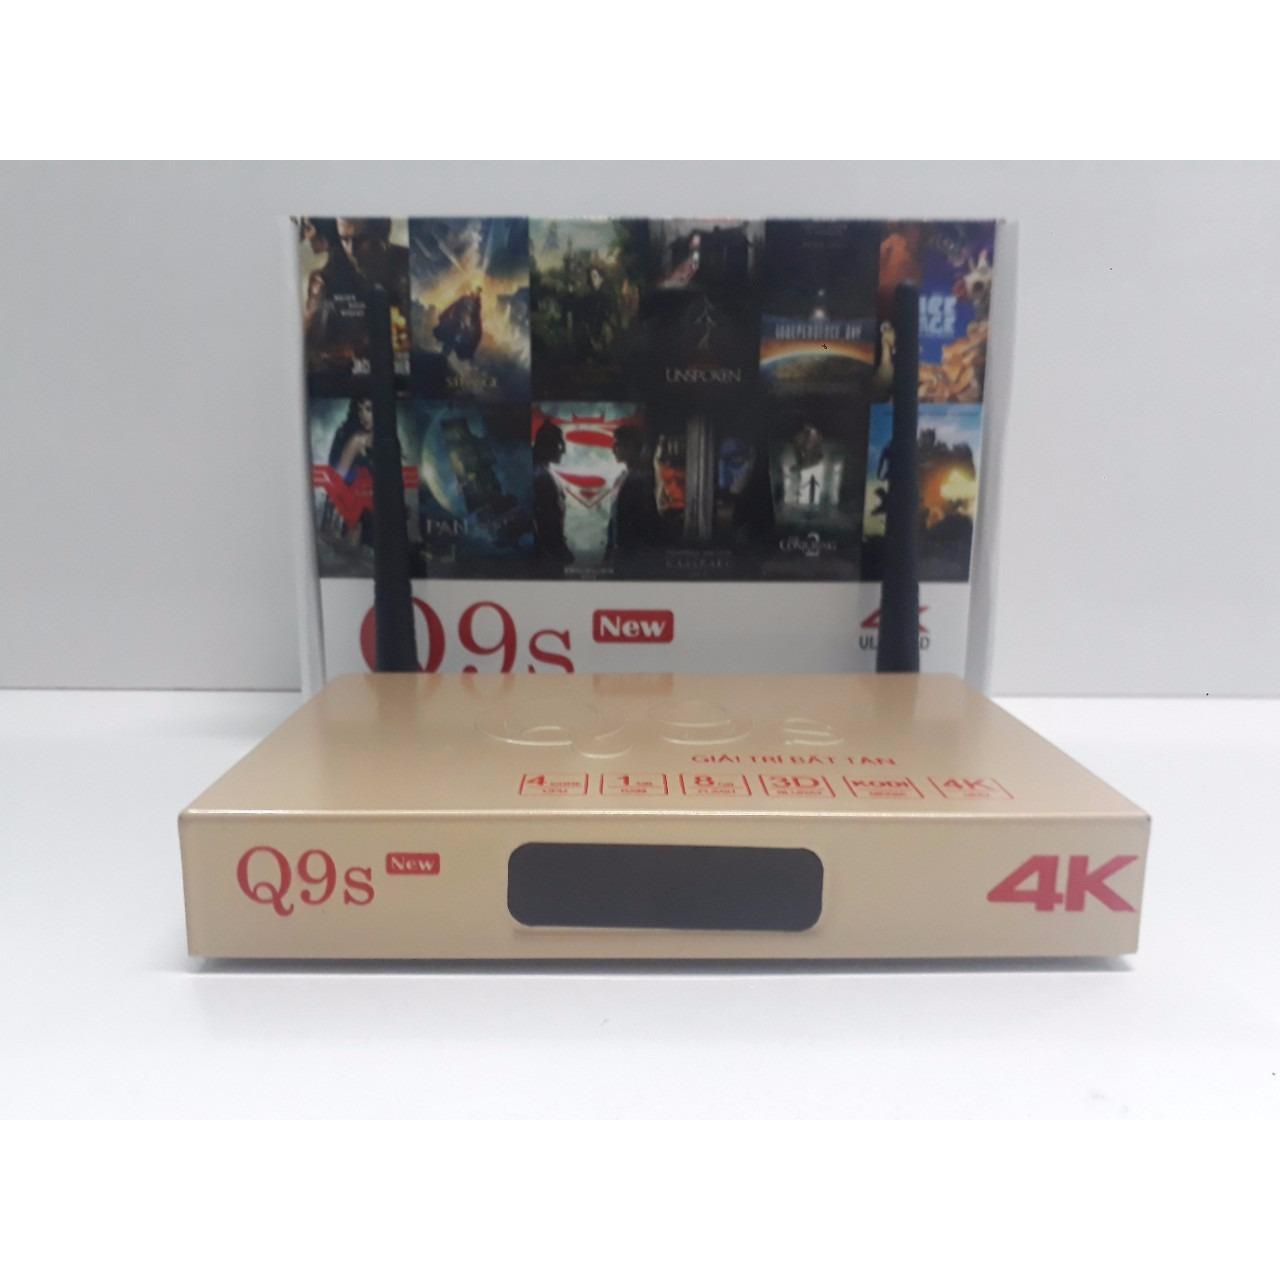 Bán Androi Tivi Box Q9S New Tặng Code Vip No Brand Nguyên